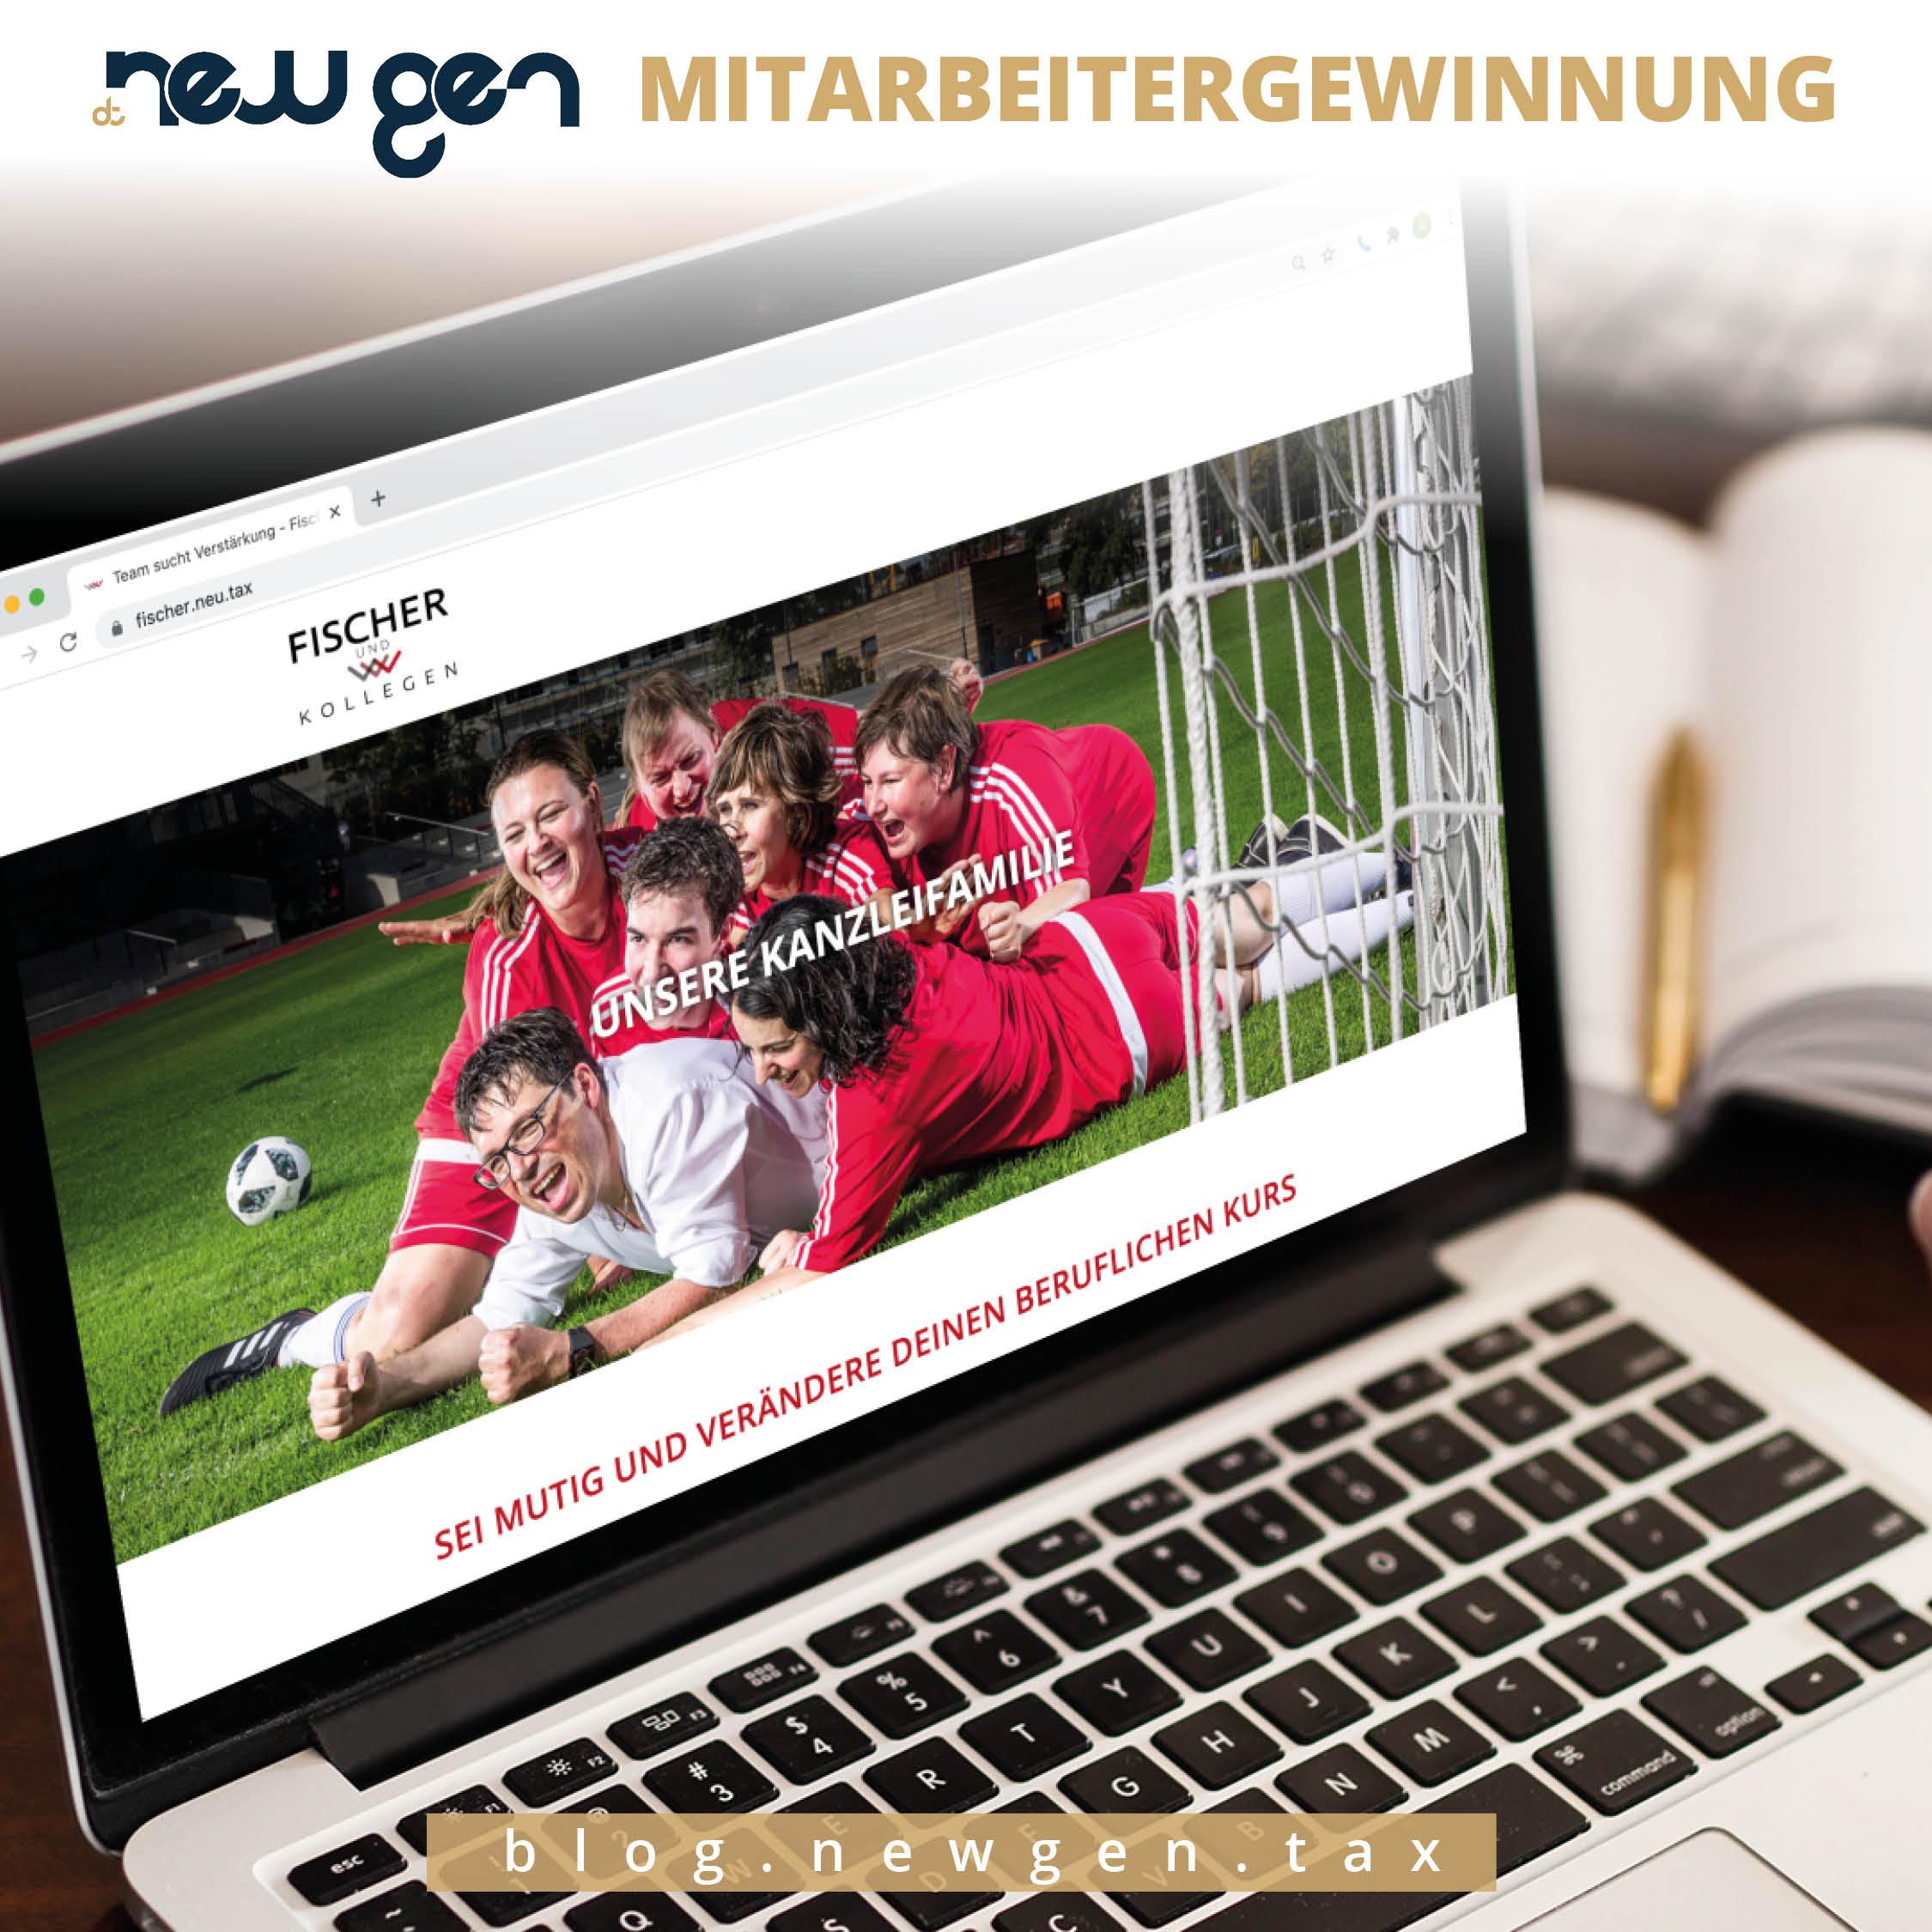 newgen Mitarbeitergewinnung –Fischer & Kollegen GmbH & Co. KG Steuerberatungsgesellschaft